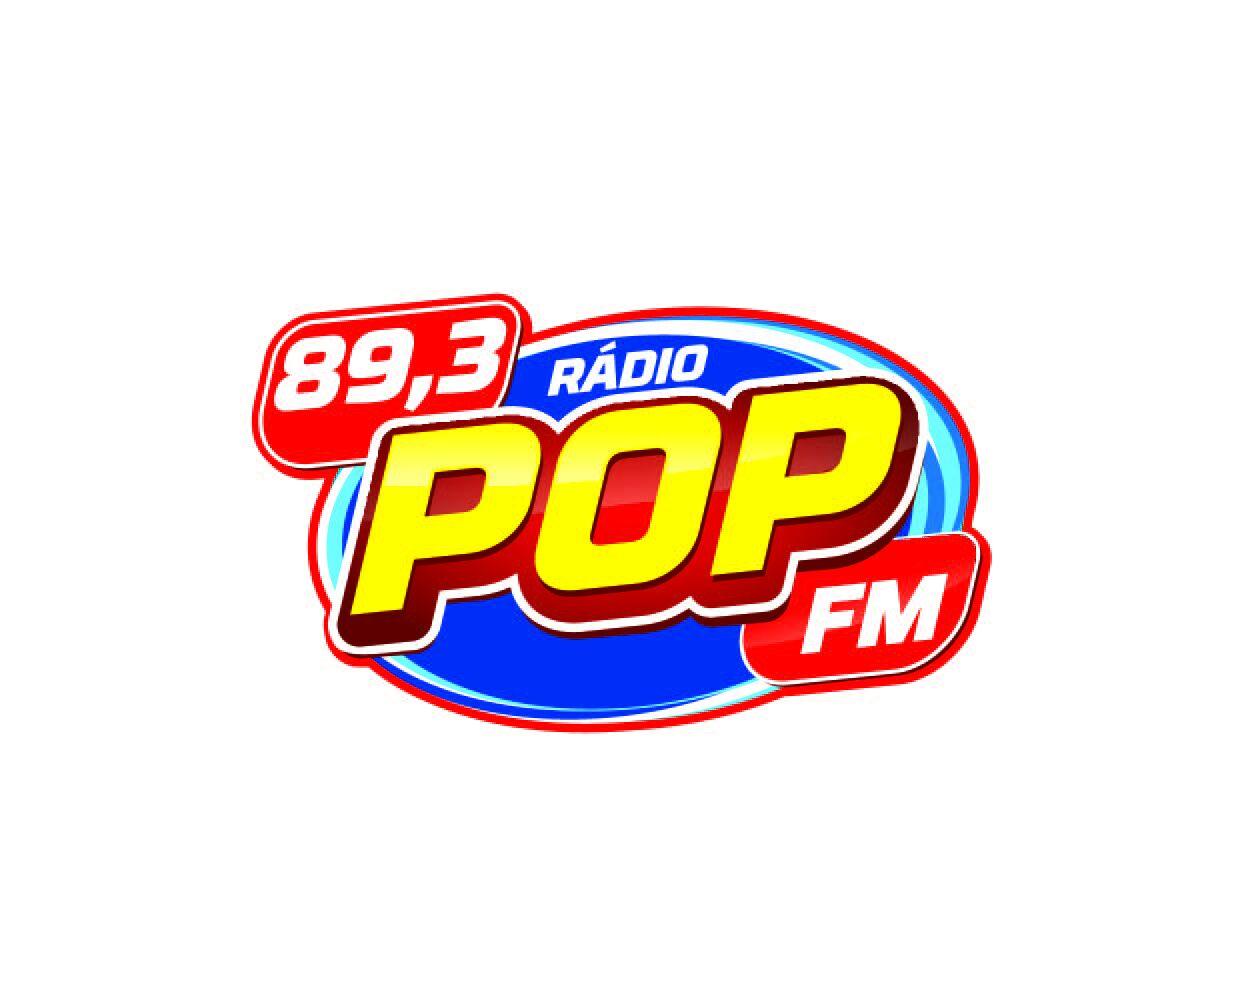 028076e3 0985 4582 83f3 5bc14360bffc - Rádio POP FM foi a que mais cresceu no último IBOPE subindo seis posições